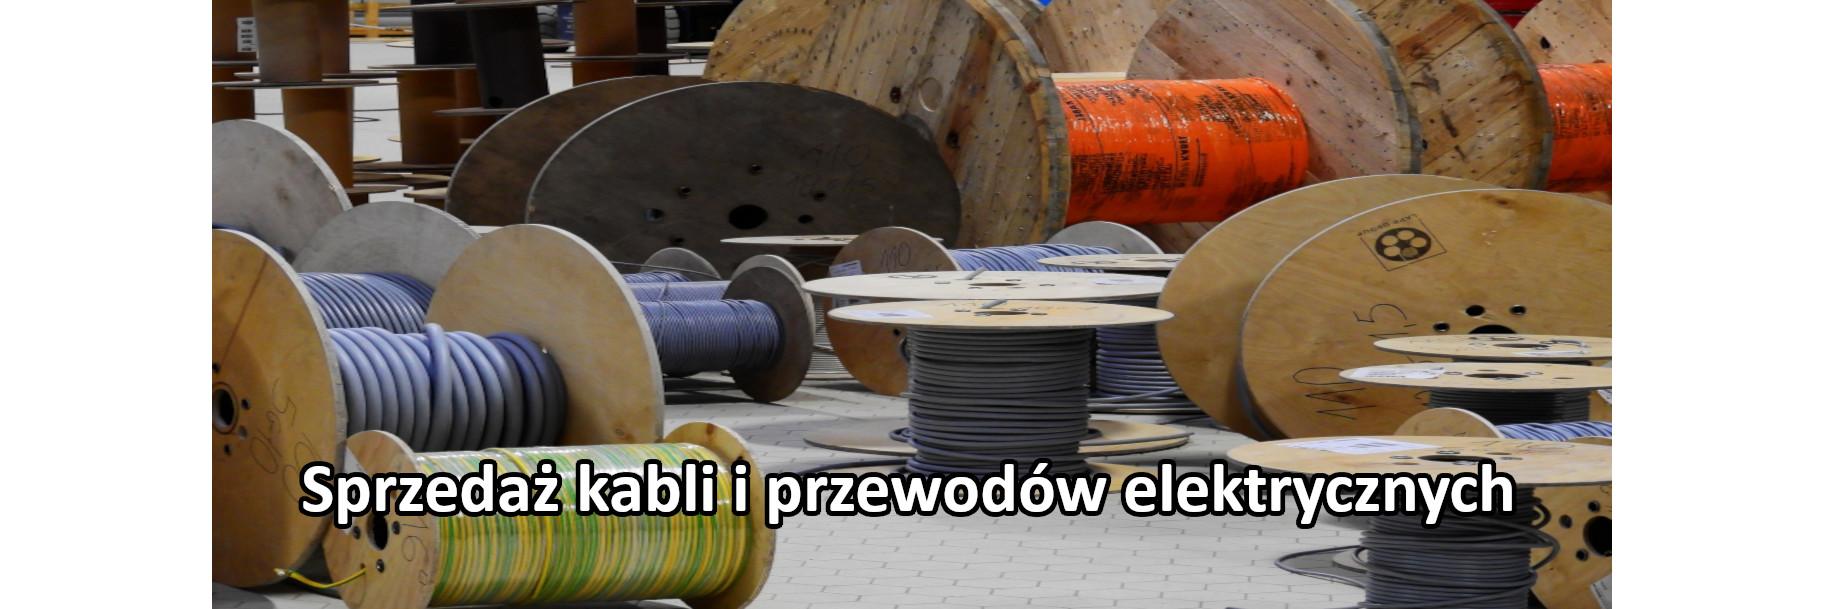 Kable i przewody elektryczne